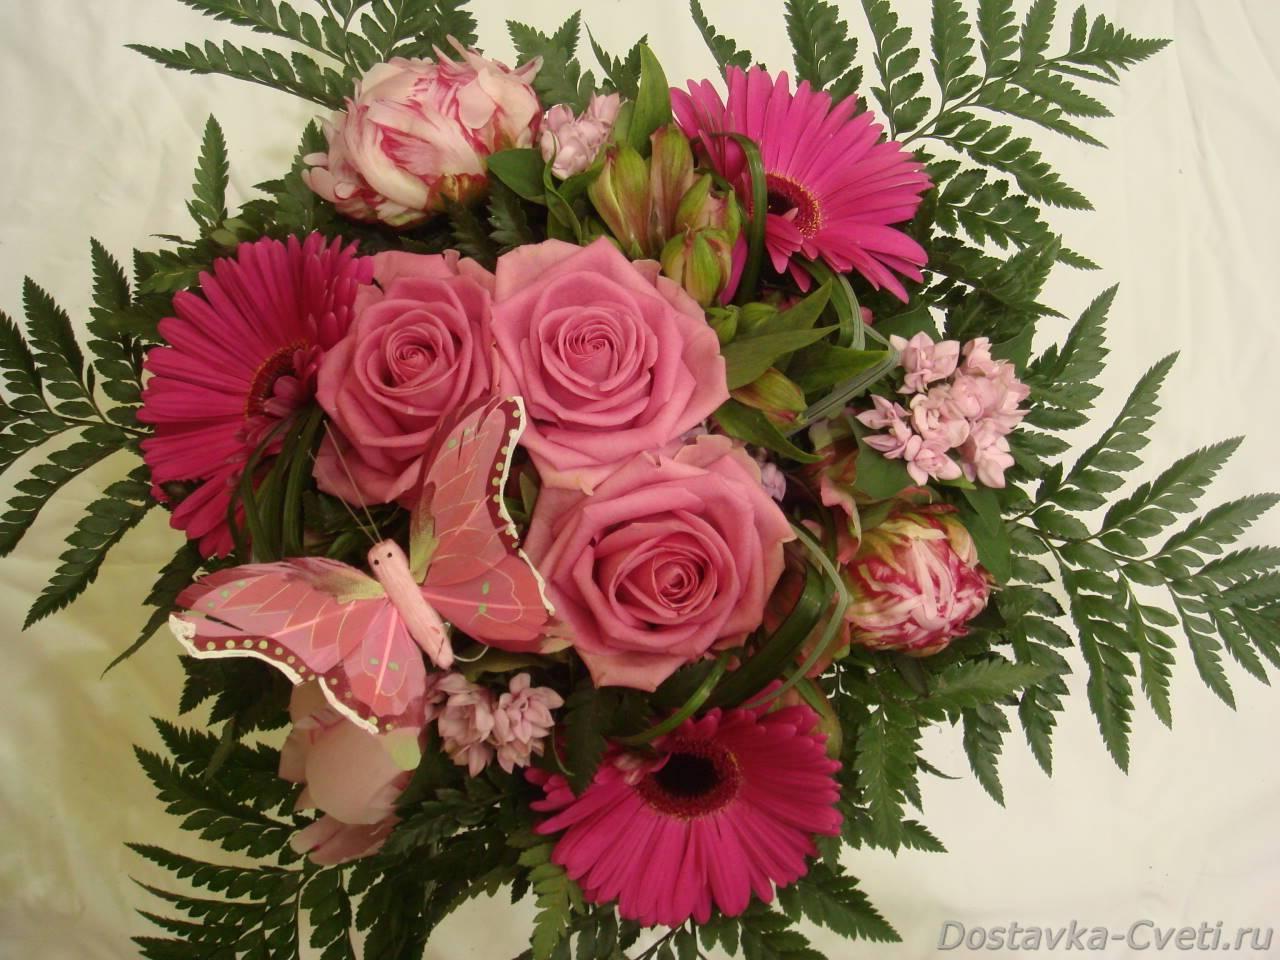 Доставка букетов цветов по москве заказ цветов свадебные букеты цветы купить оптом в спб